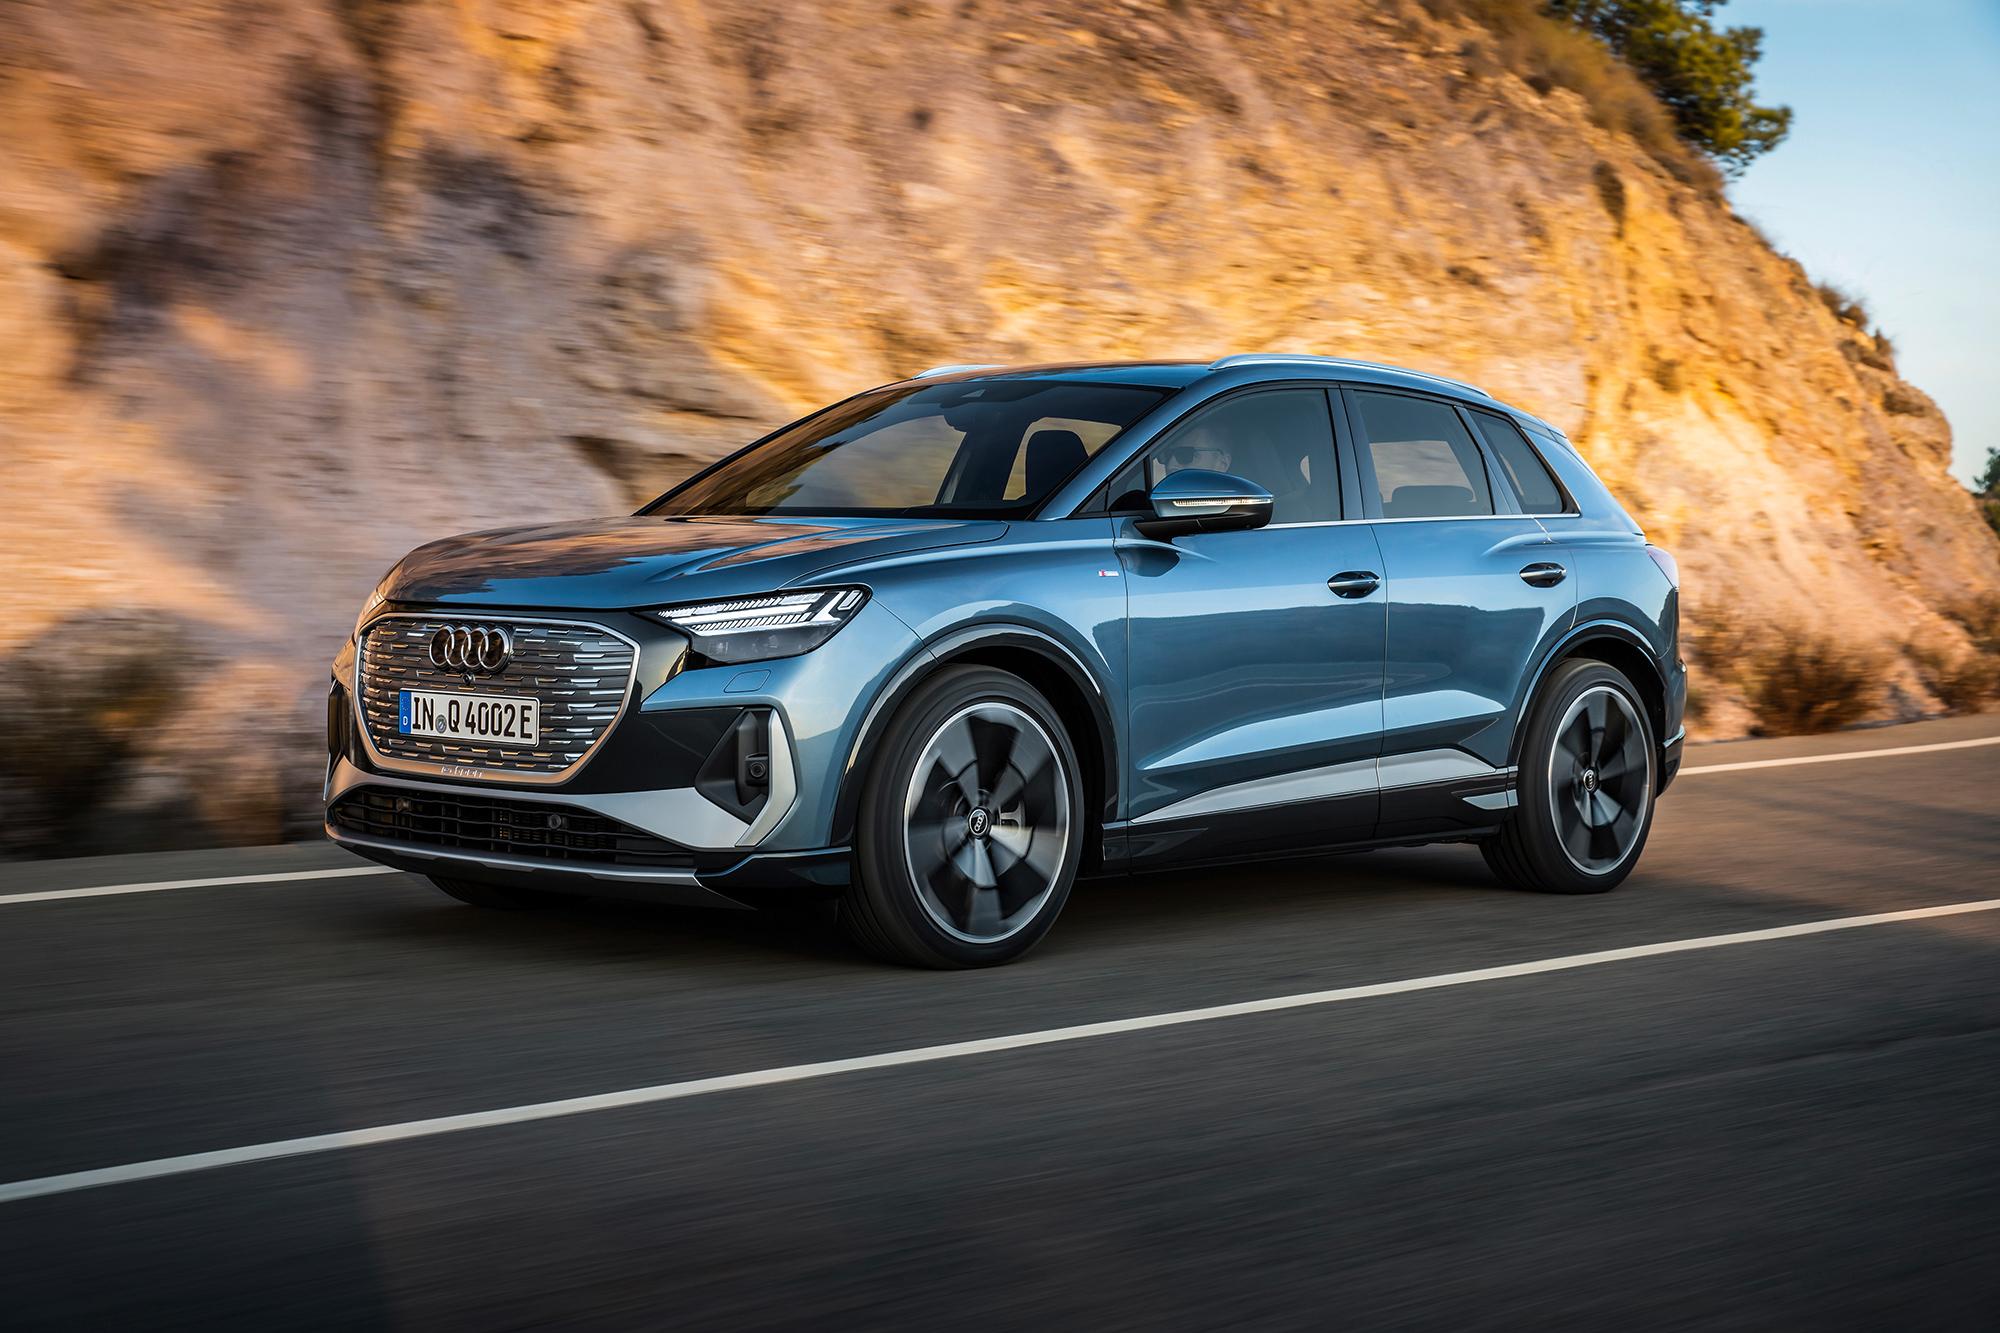 Audi Q4 etron revealed